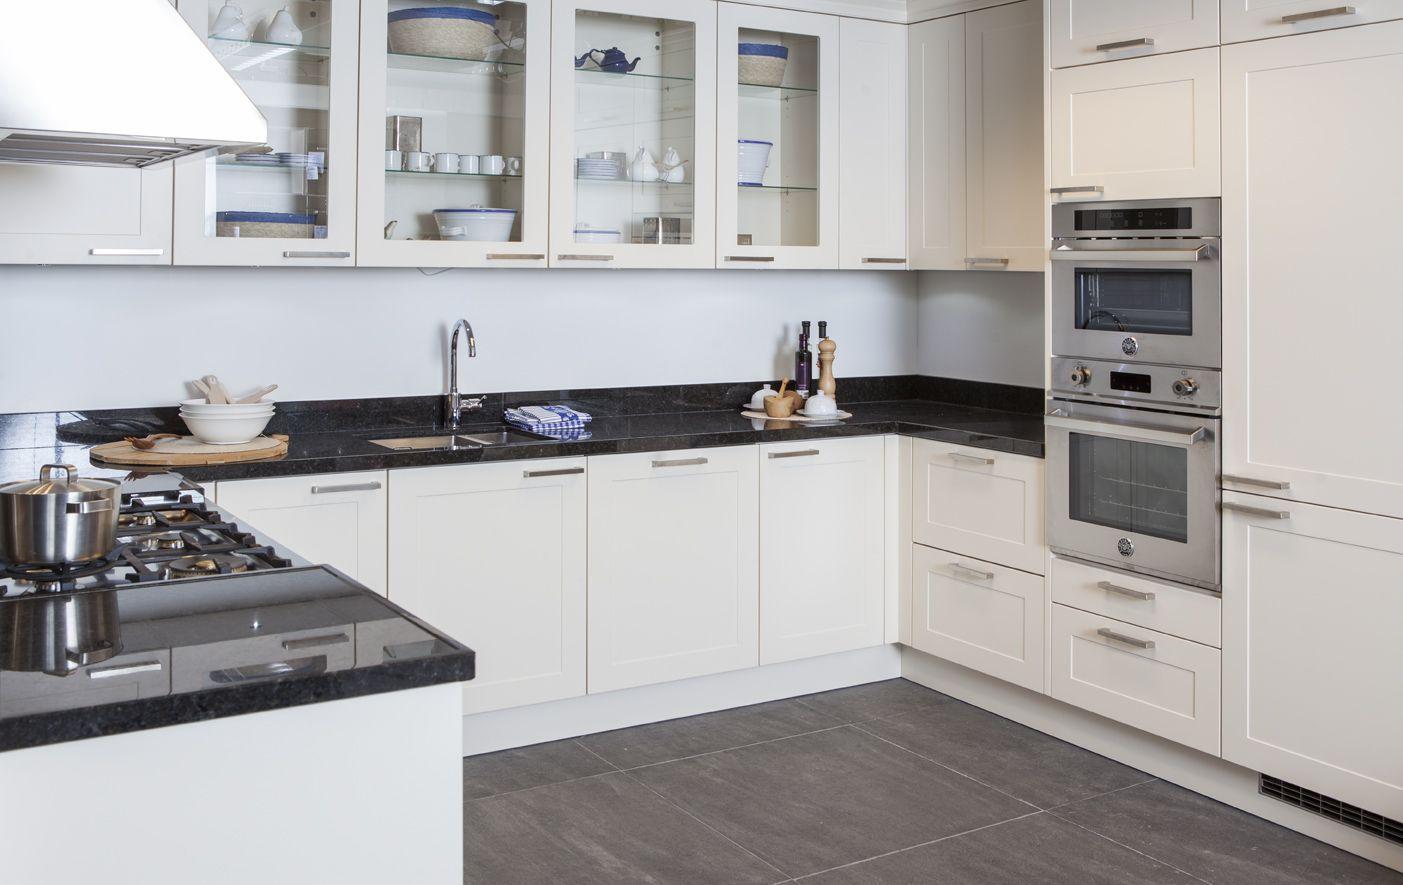 Hoekkast keuken ikea carrousel keuken repareren lovely keuken